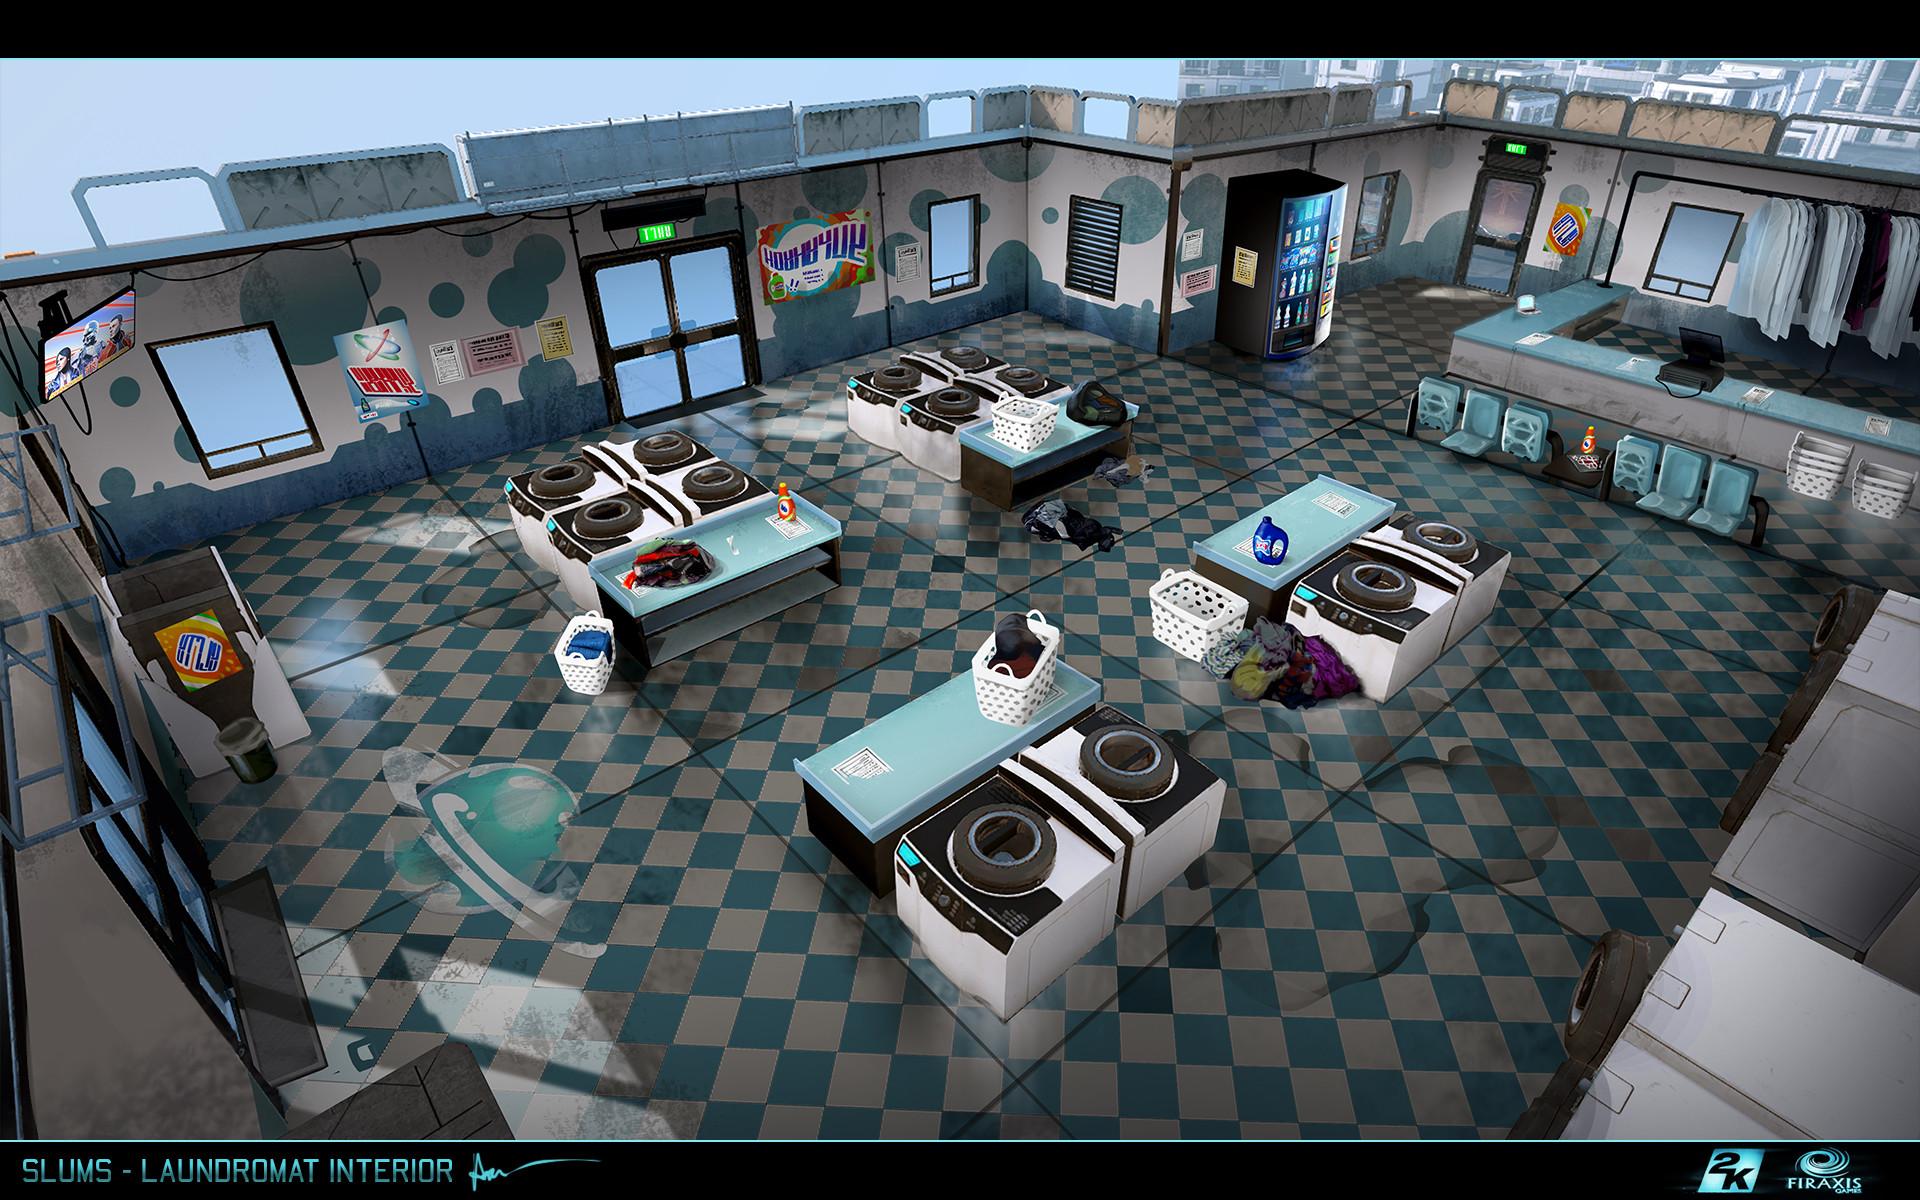 Samuel aaron whitehead slums laundromat interior